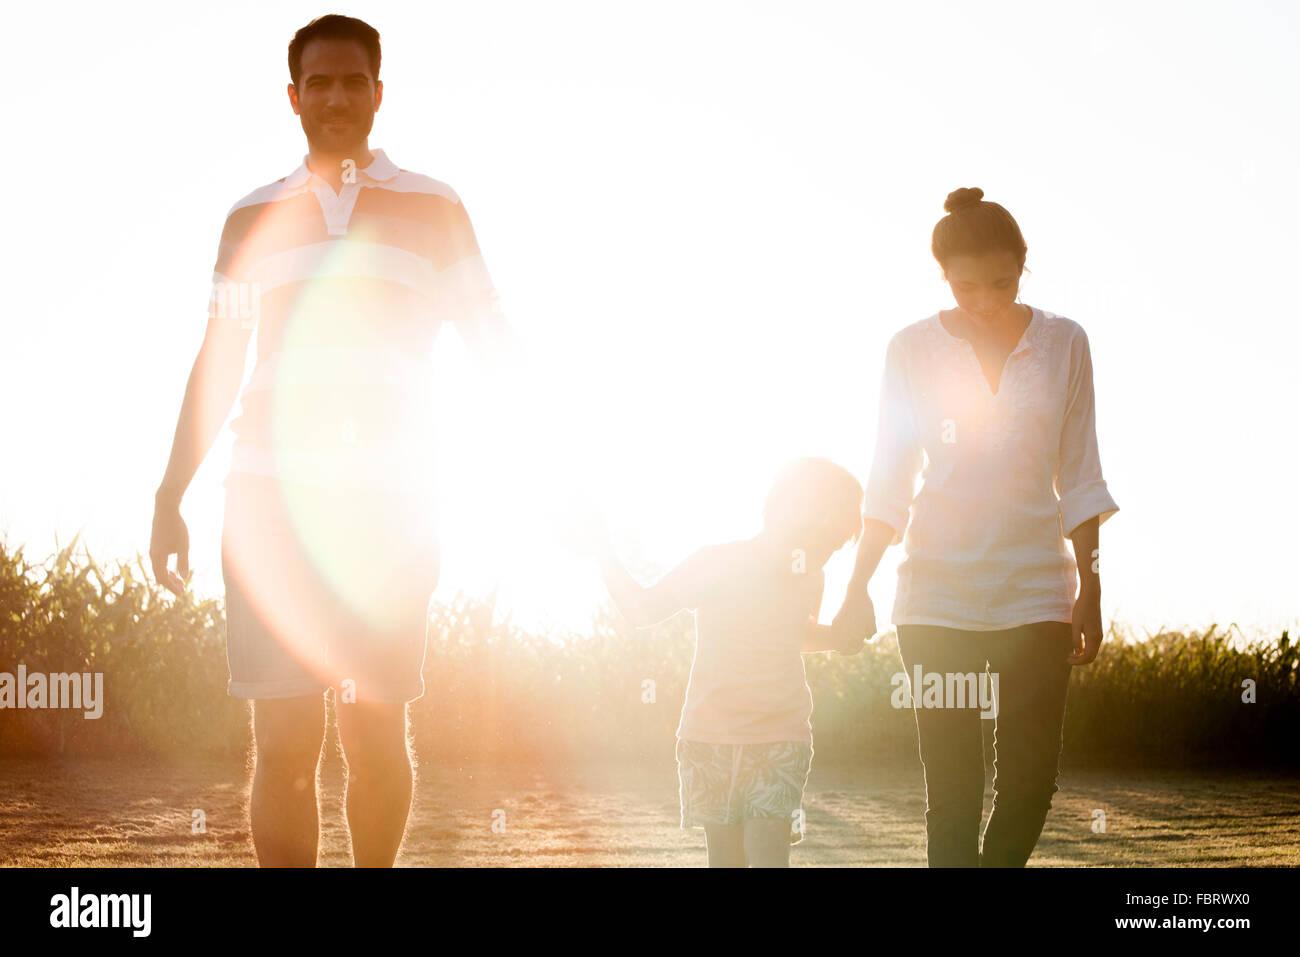 Familia con muchachito caminando juntos al aire libre Imagen De Stock